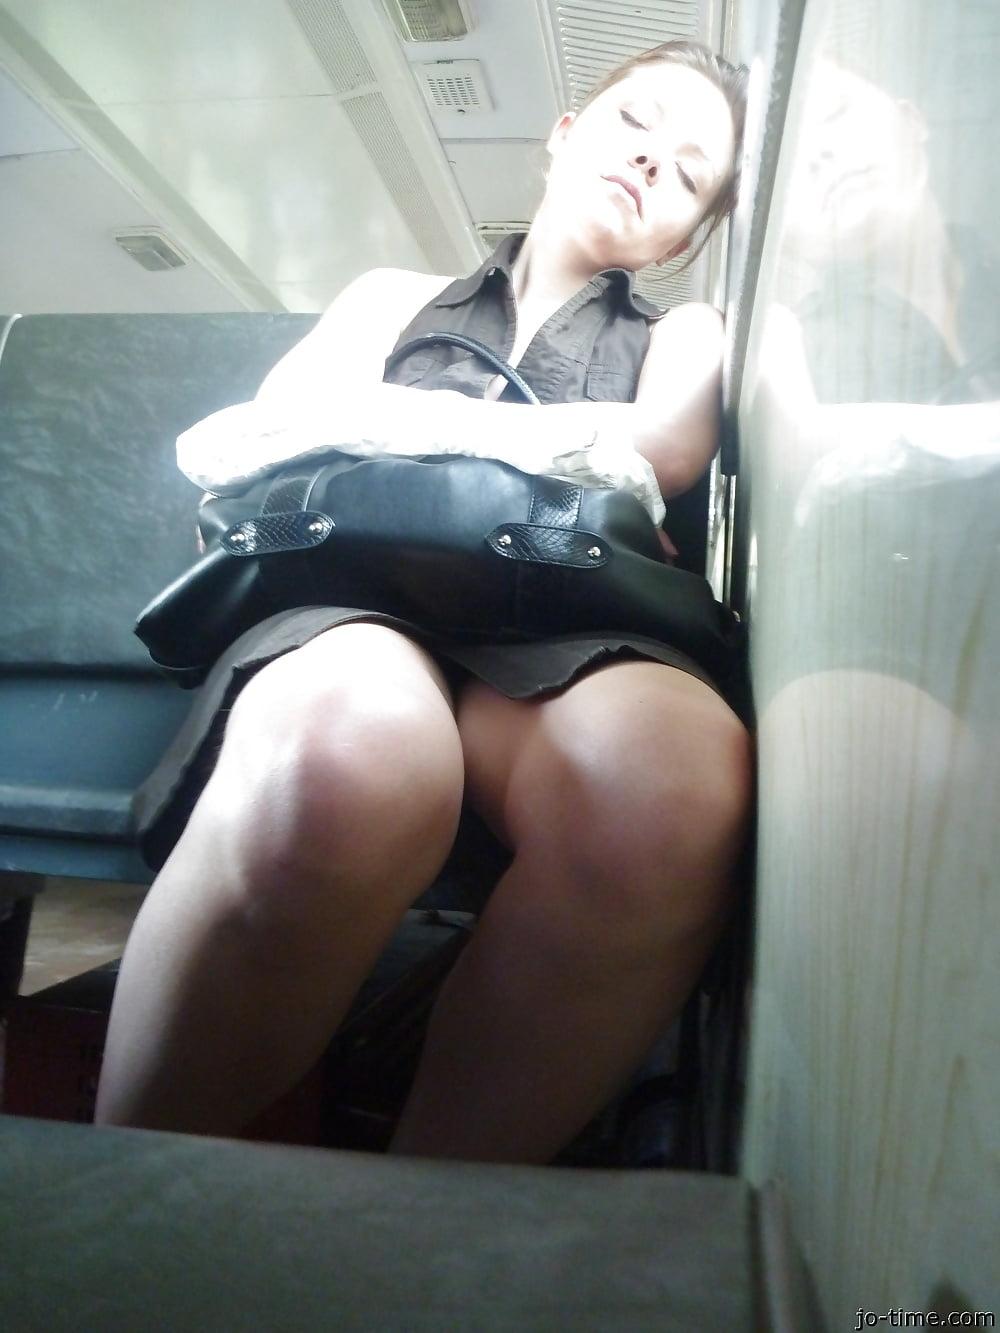 Порно подглядывание девушек в городском транспорте